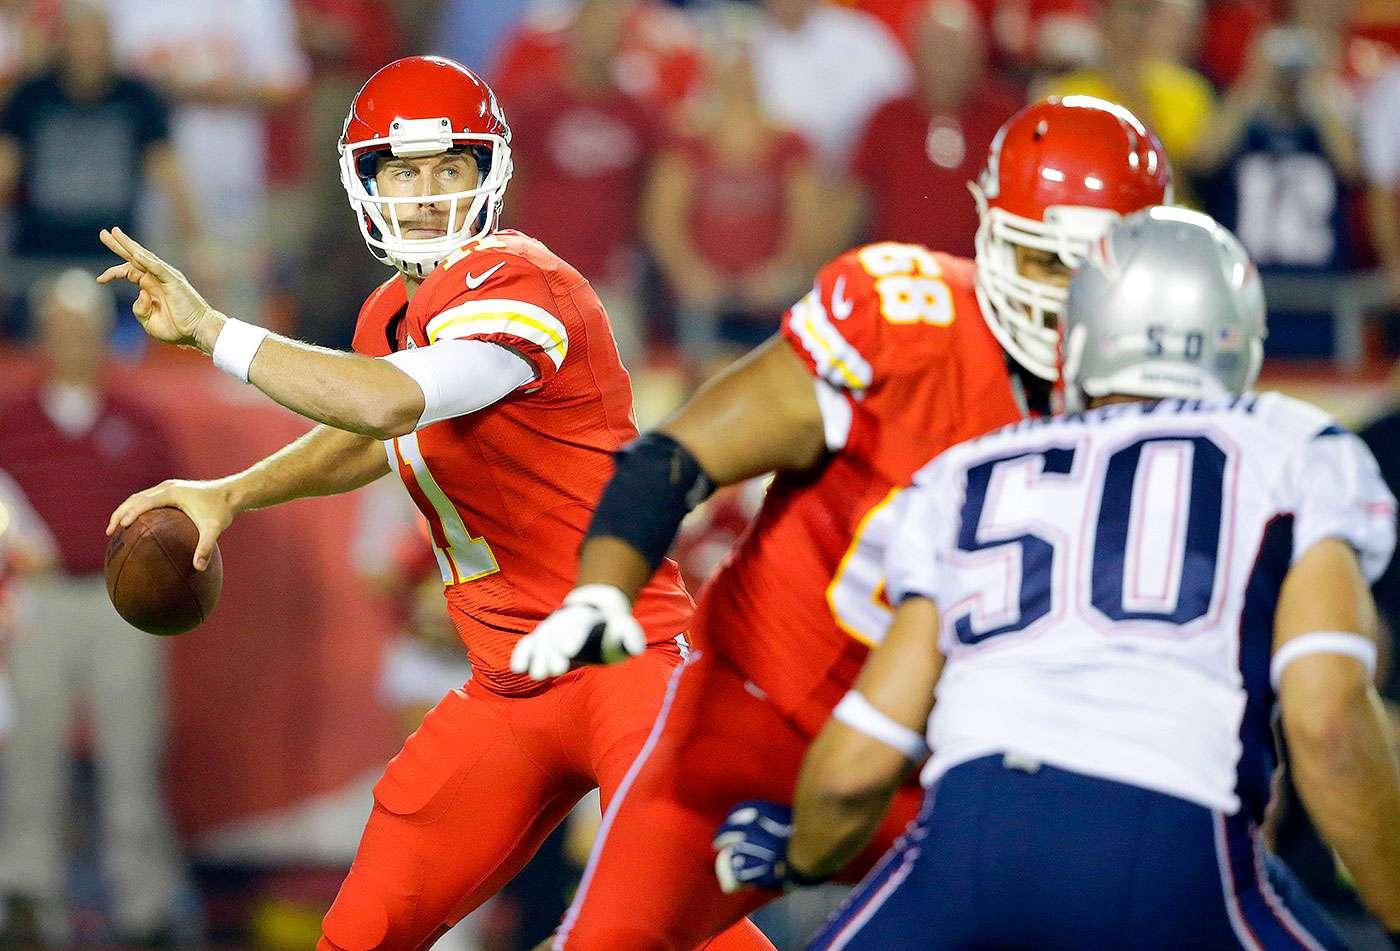 Jamaal Charles se recuperó de una lesión para aportar tres anotaciones, mientras que Tom Brady vio interceptados dos de sus envíos, en el duelo en que los Kansas City Chiefs dieron una campanada al triturar 41-14 a los New England Patriots en el cierre de la semana 4 de la NFL 2014. Foto: AP